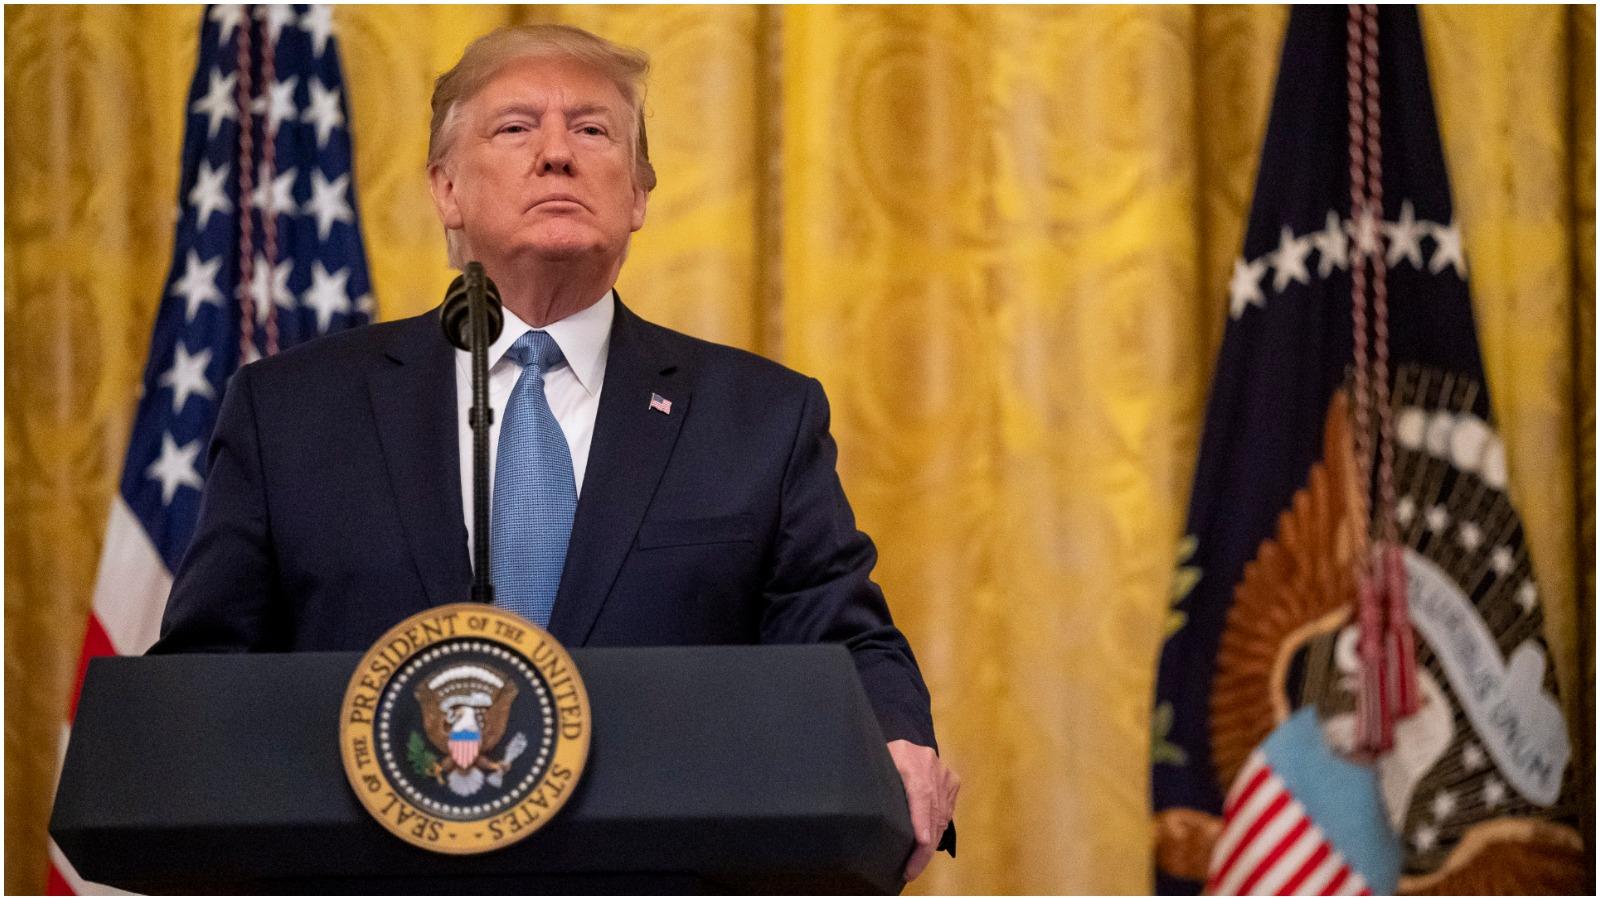 Seniorforsker Thomas Wright: Hvis Trump bliver genvalgt, vil det være svært at reparere de skader, han har forvoldt på den internationale orden